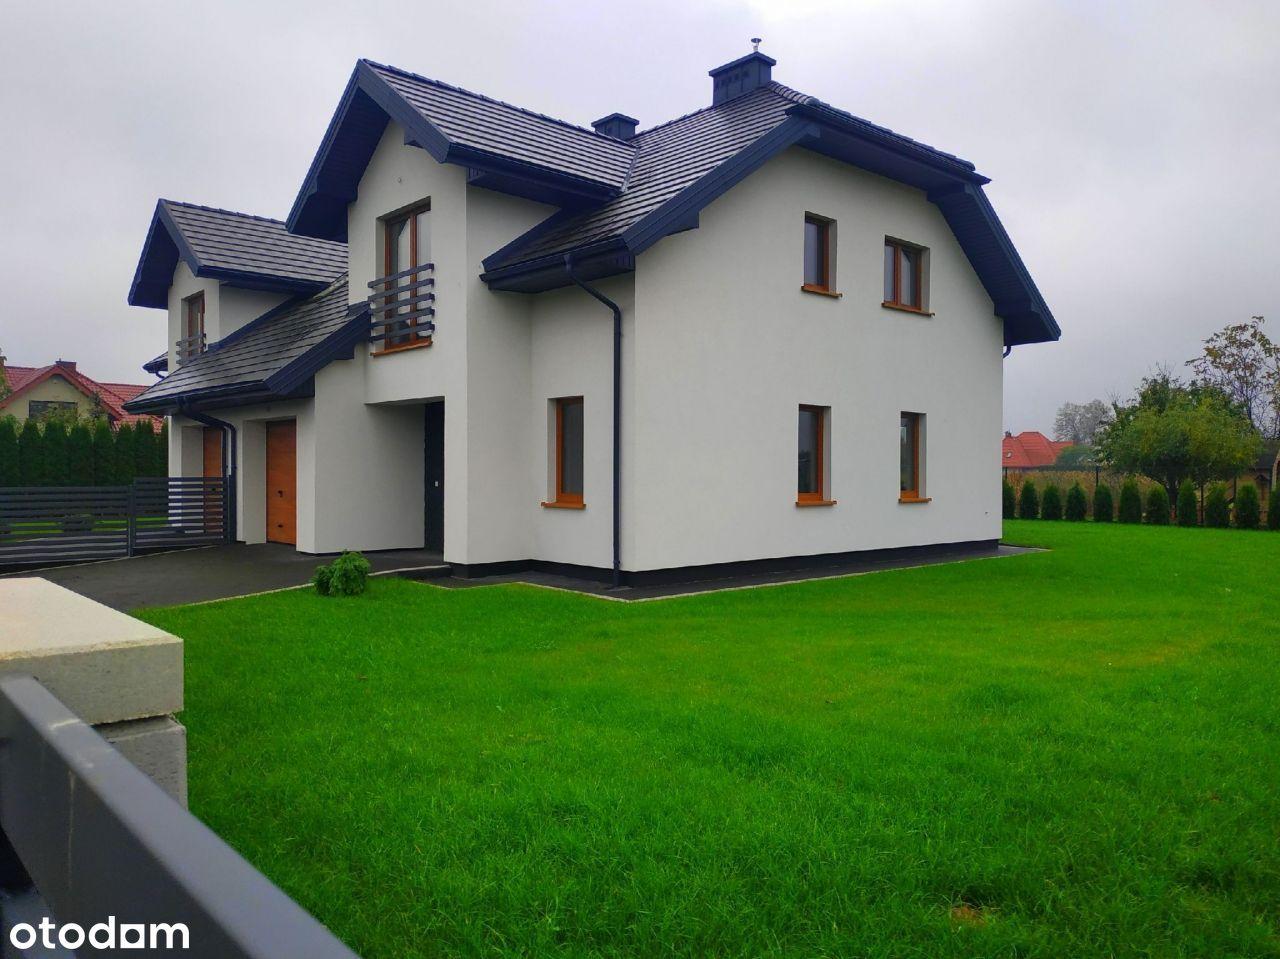 Wysokiej jakości dom w zabudowie bliżniaczej